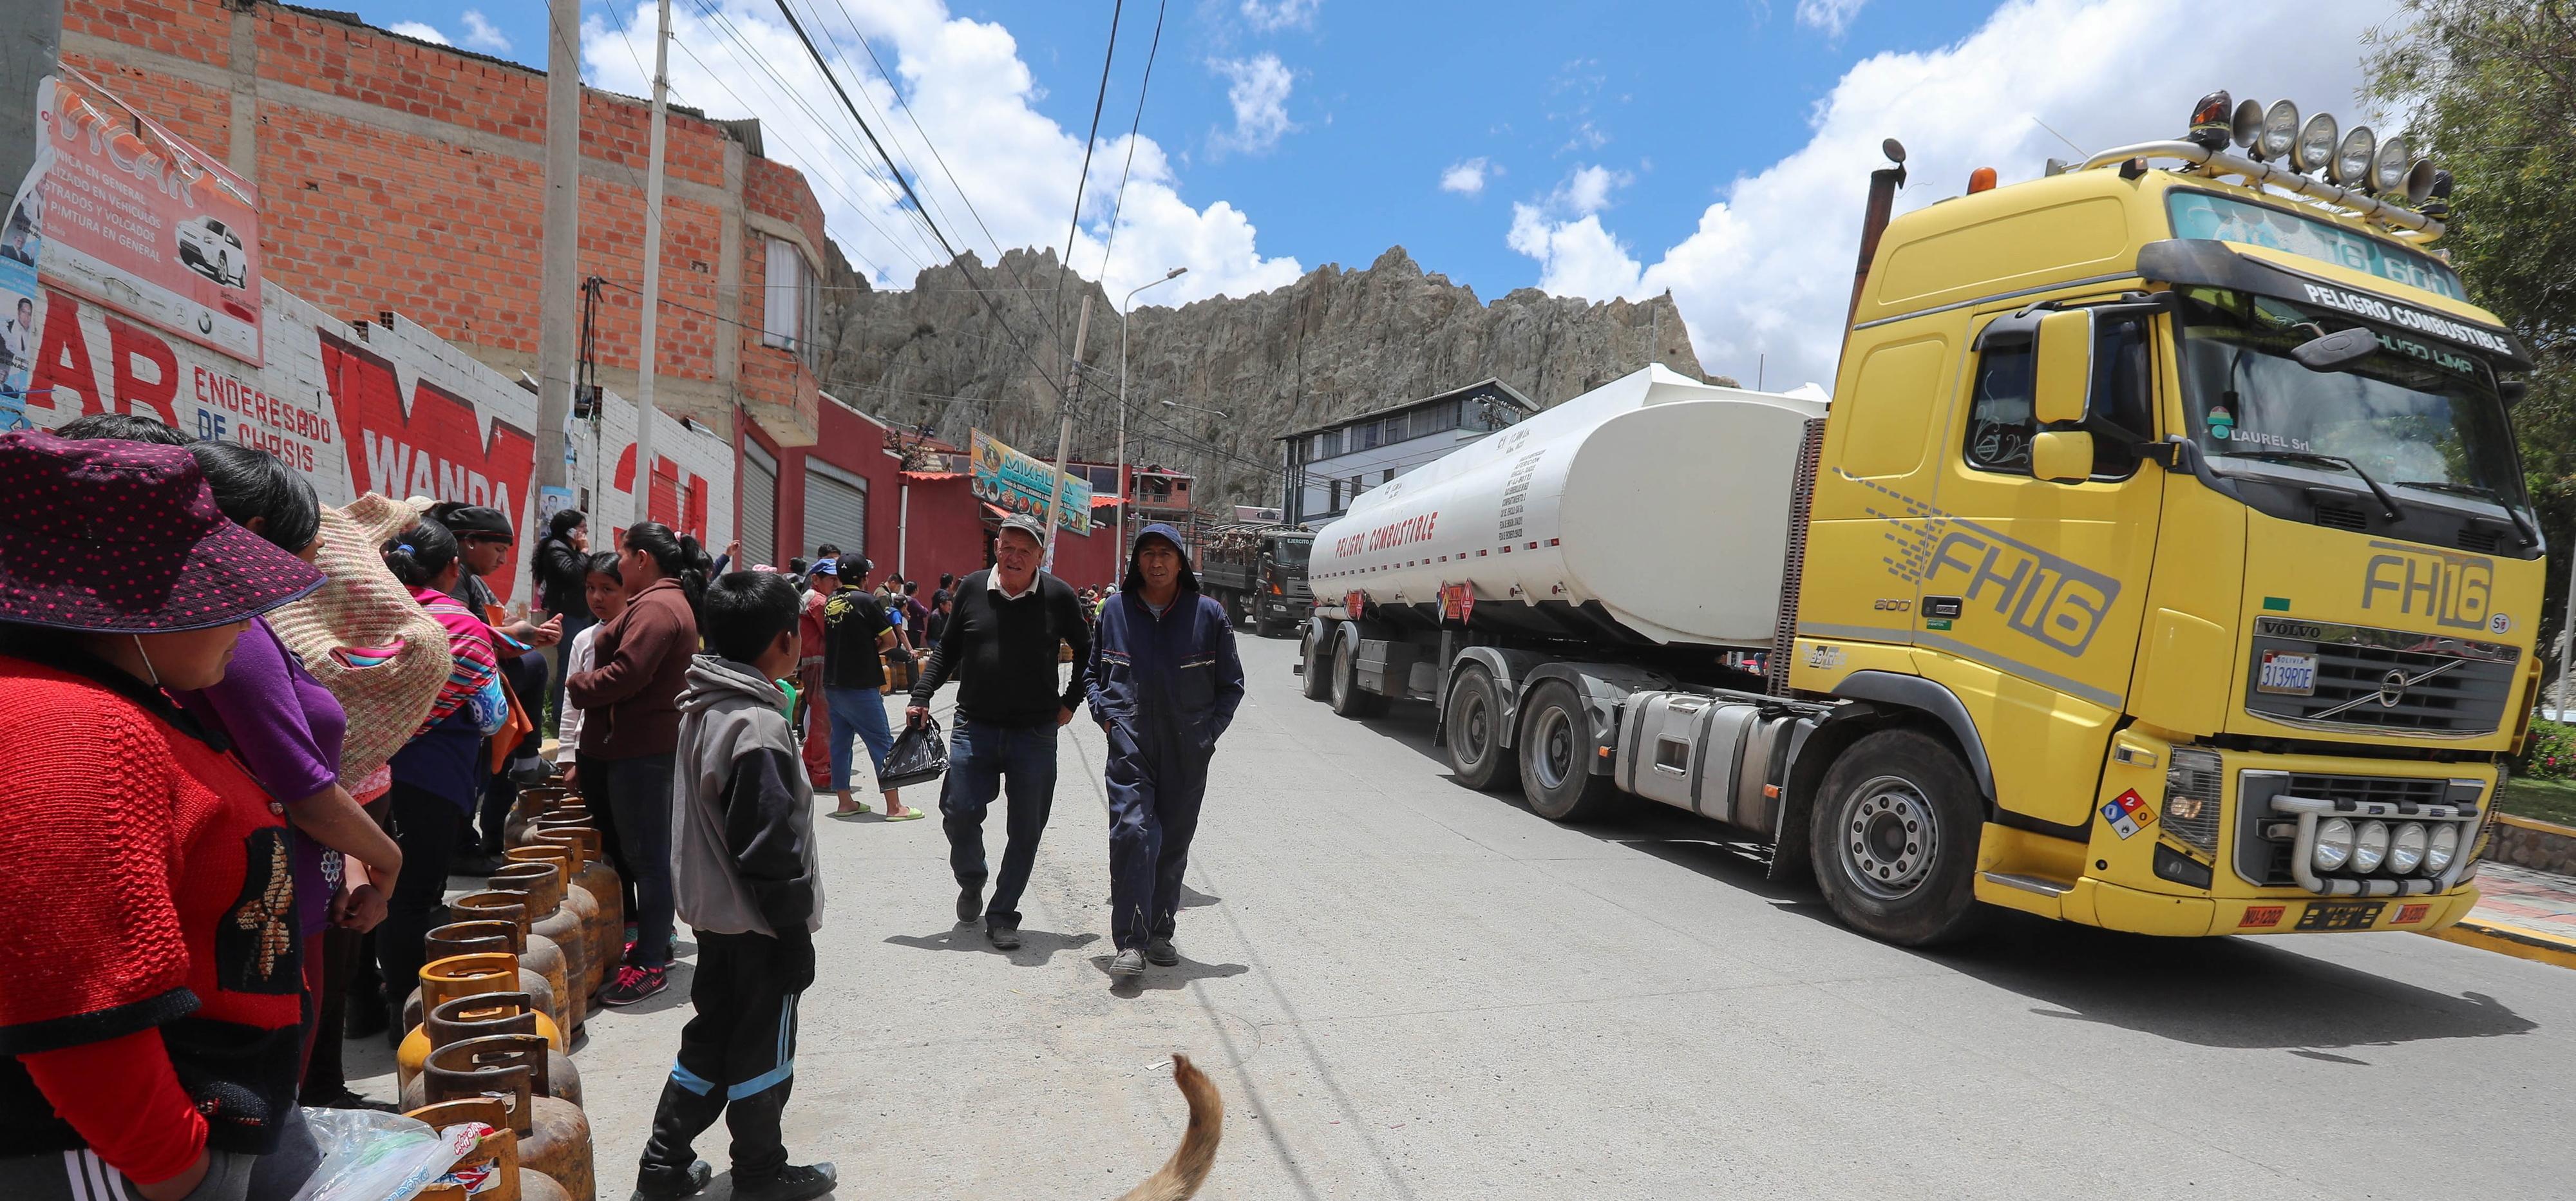 Autoridades da Bolívia reabrem refinaria bloqueada por apoiantes de Evo Morales